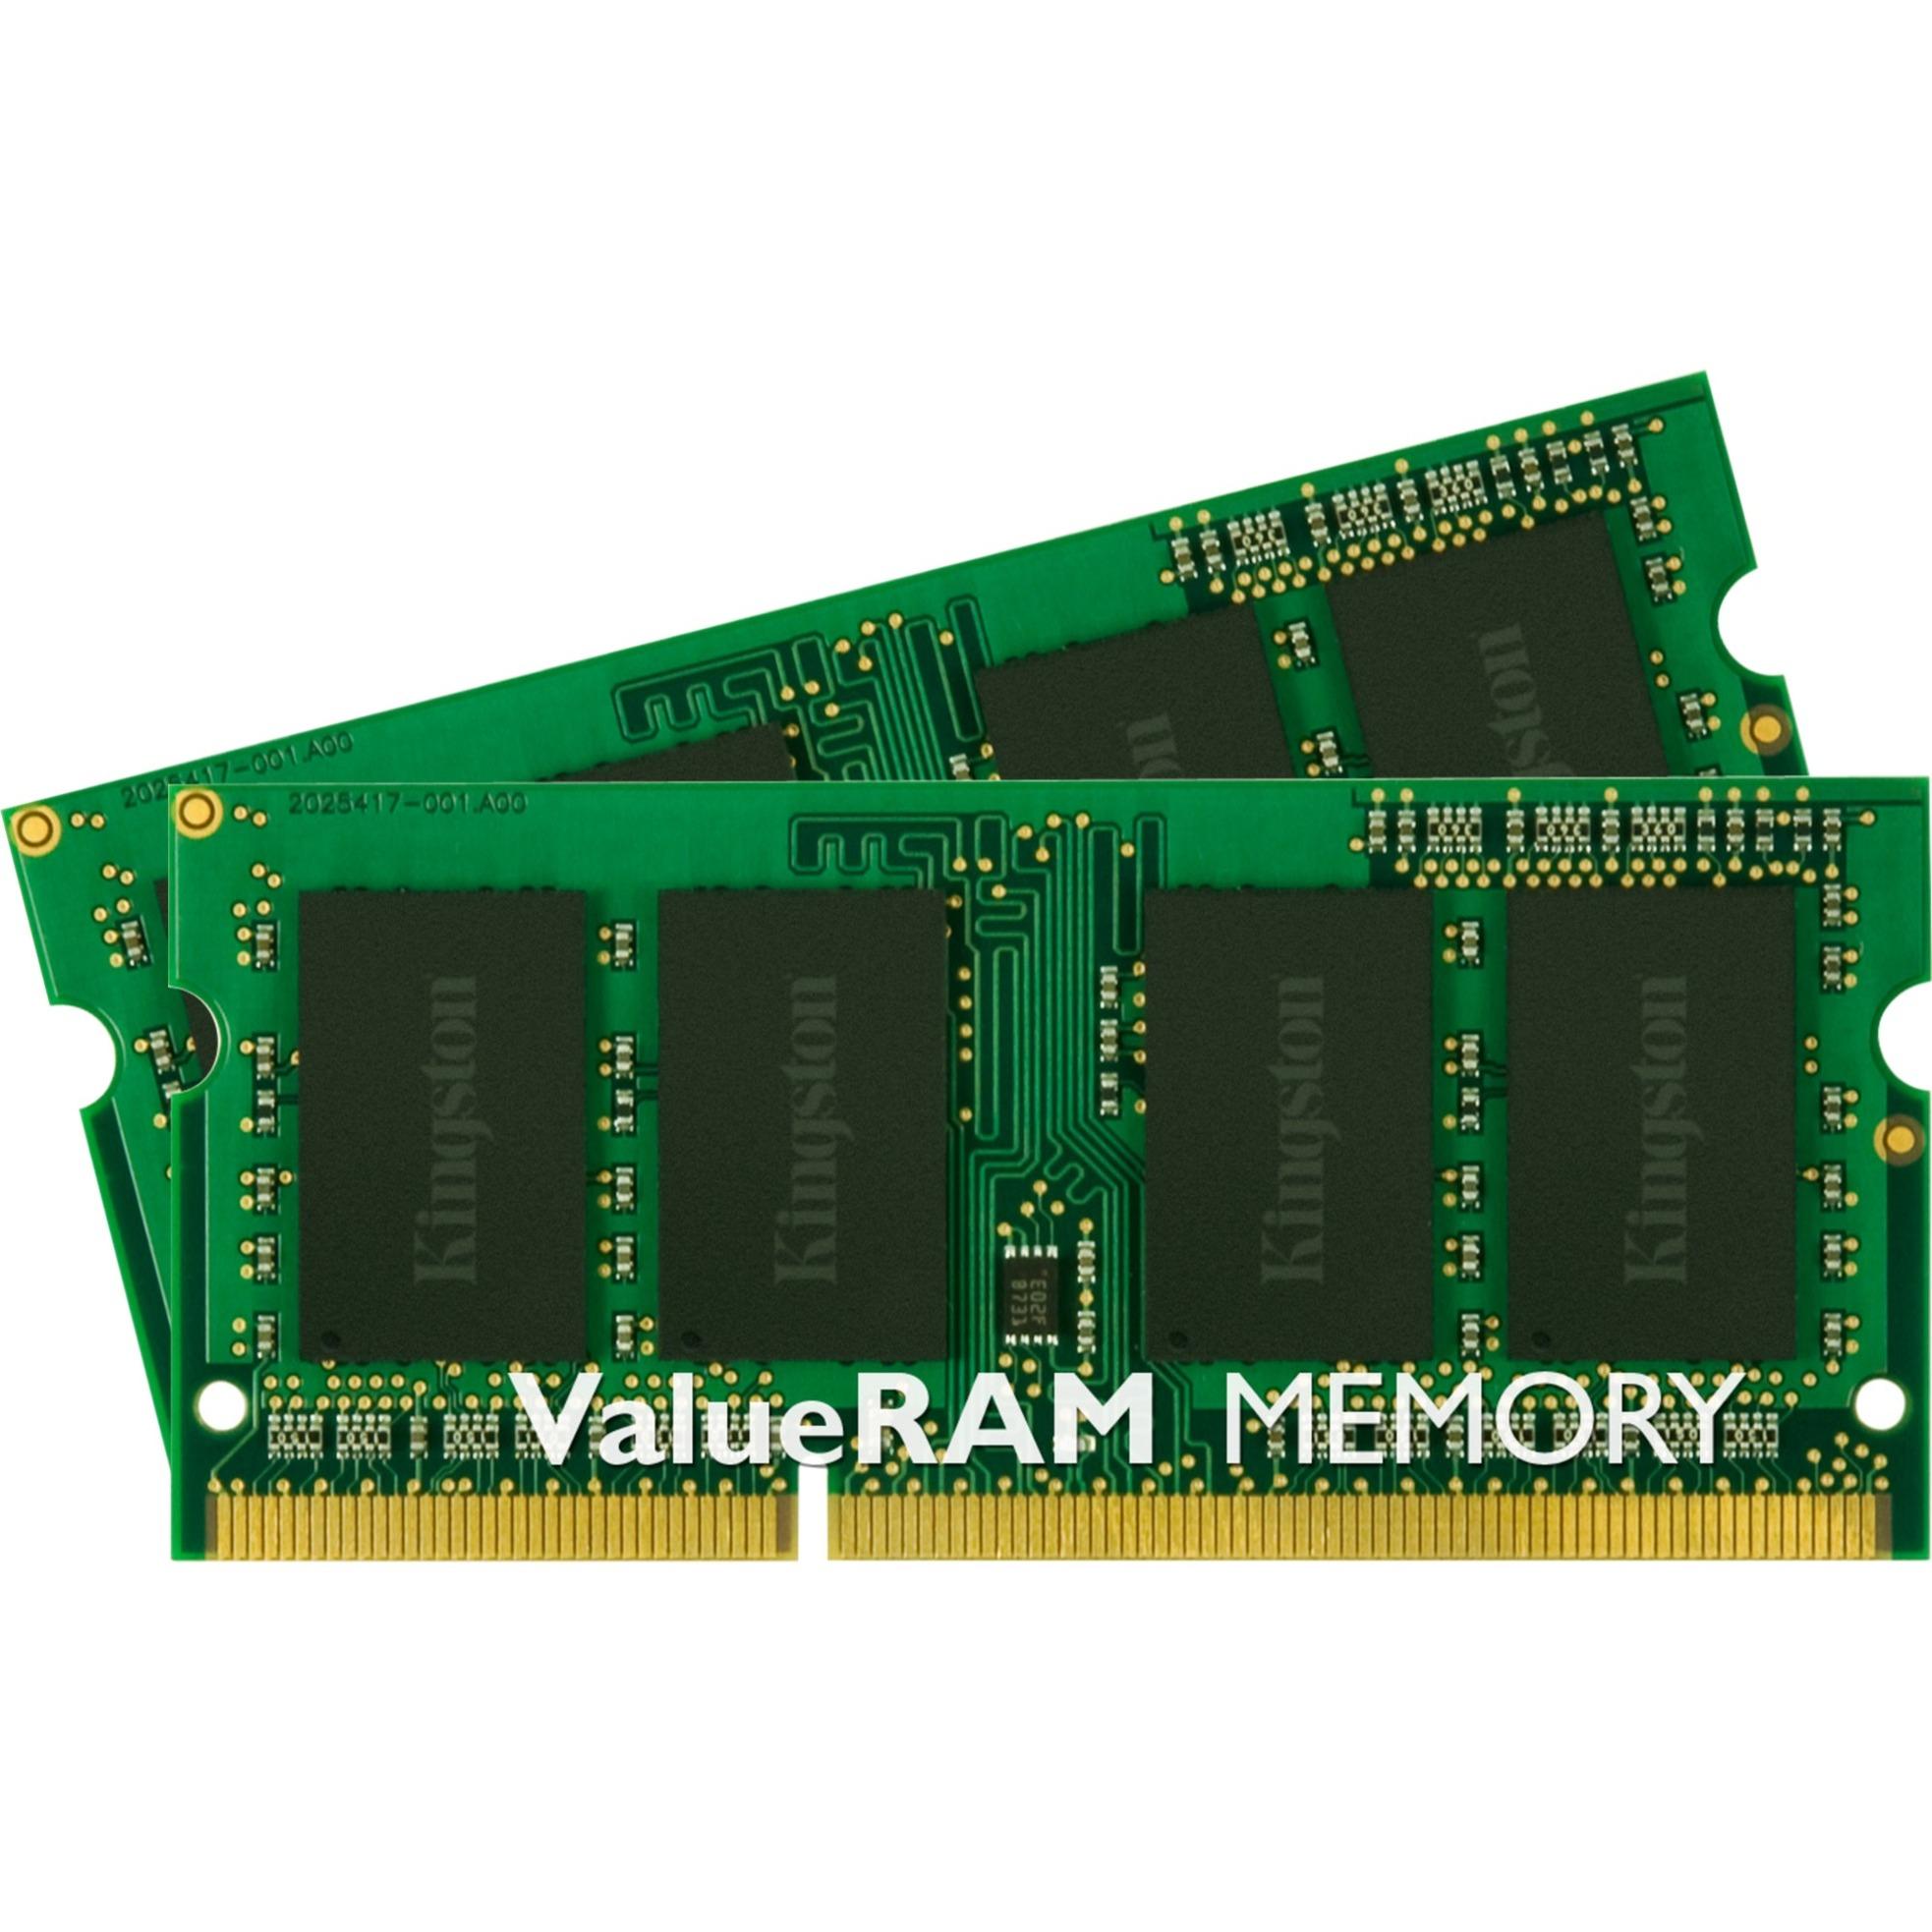 ValueRAM 16GB DDR3L 1600MHz Kit módulo de memoria, Memoria RAM